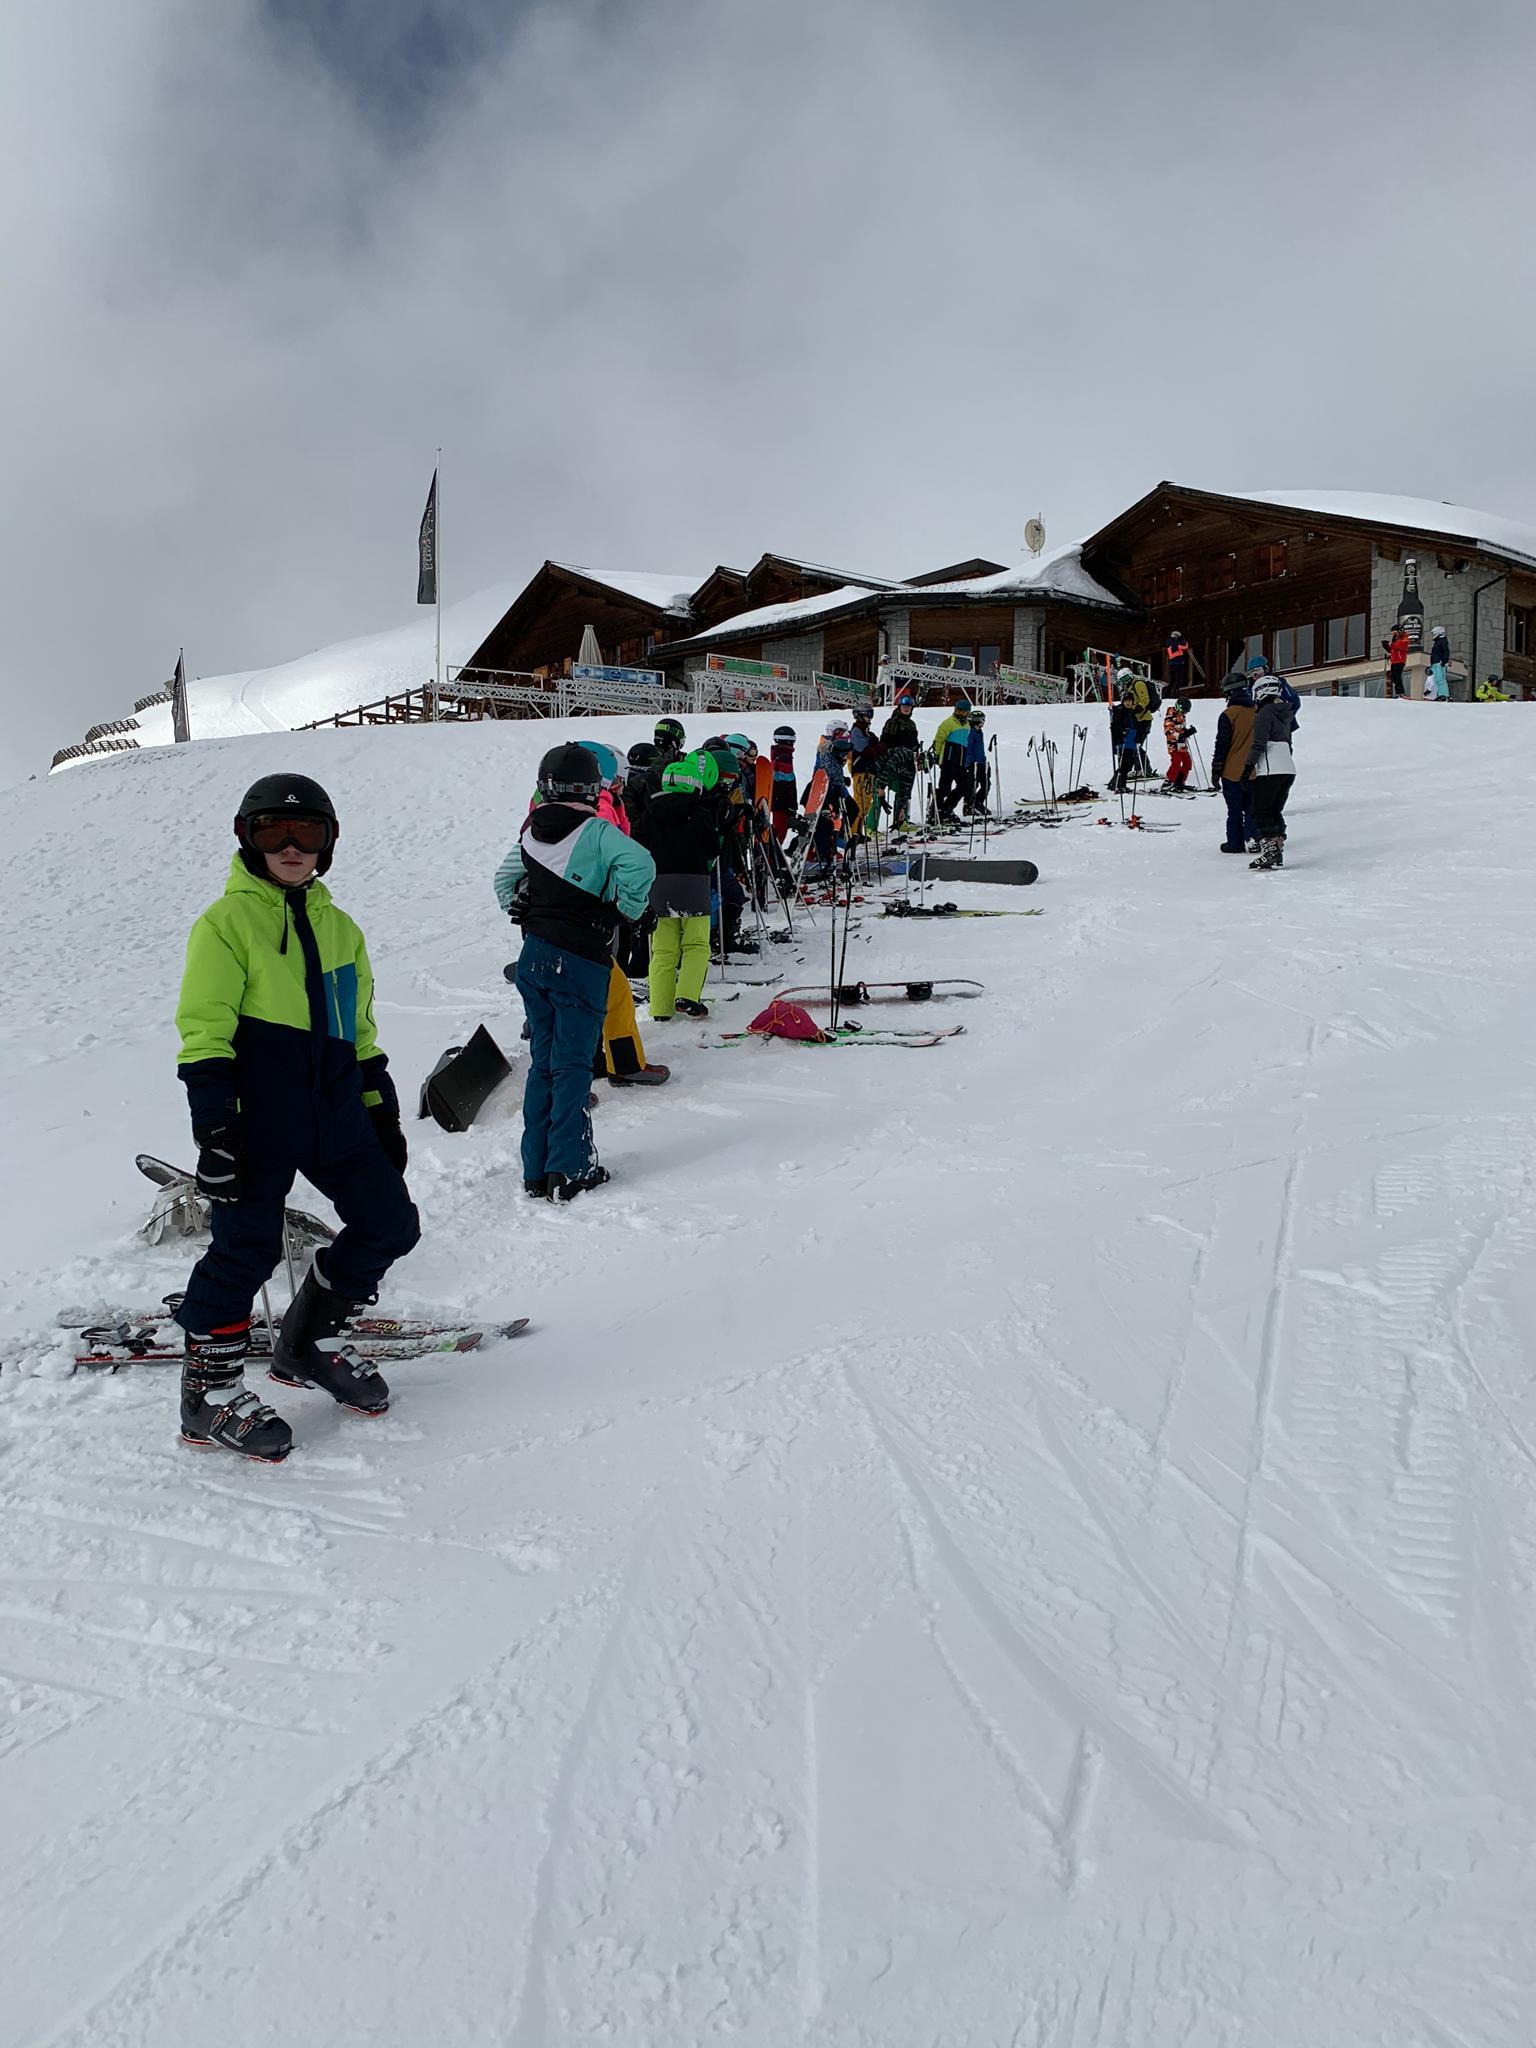 Skilager 2020 Dienstag-WA0004